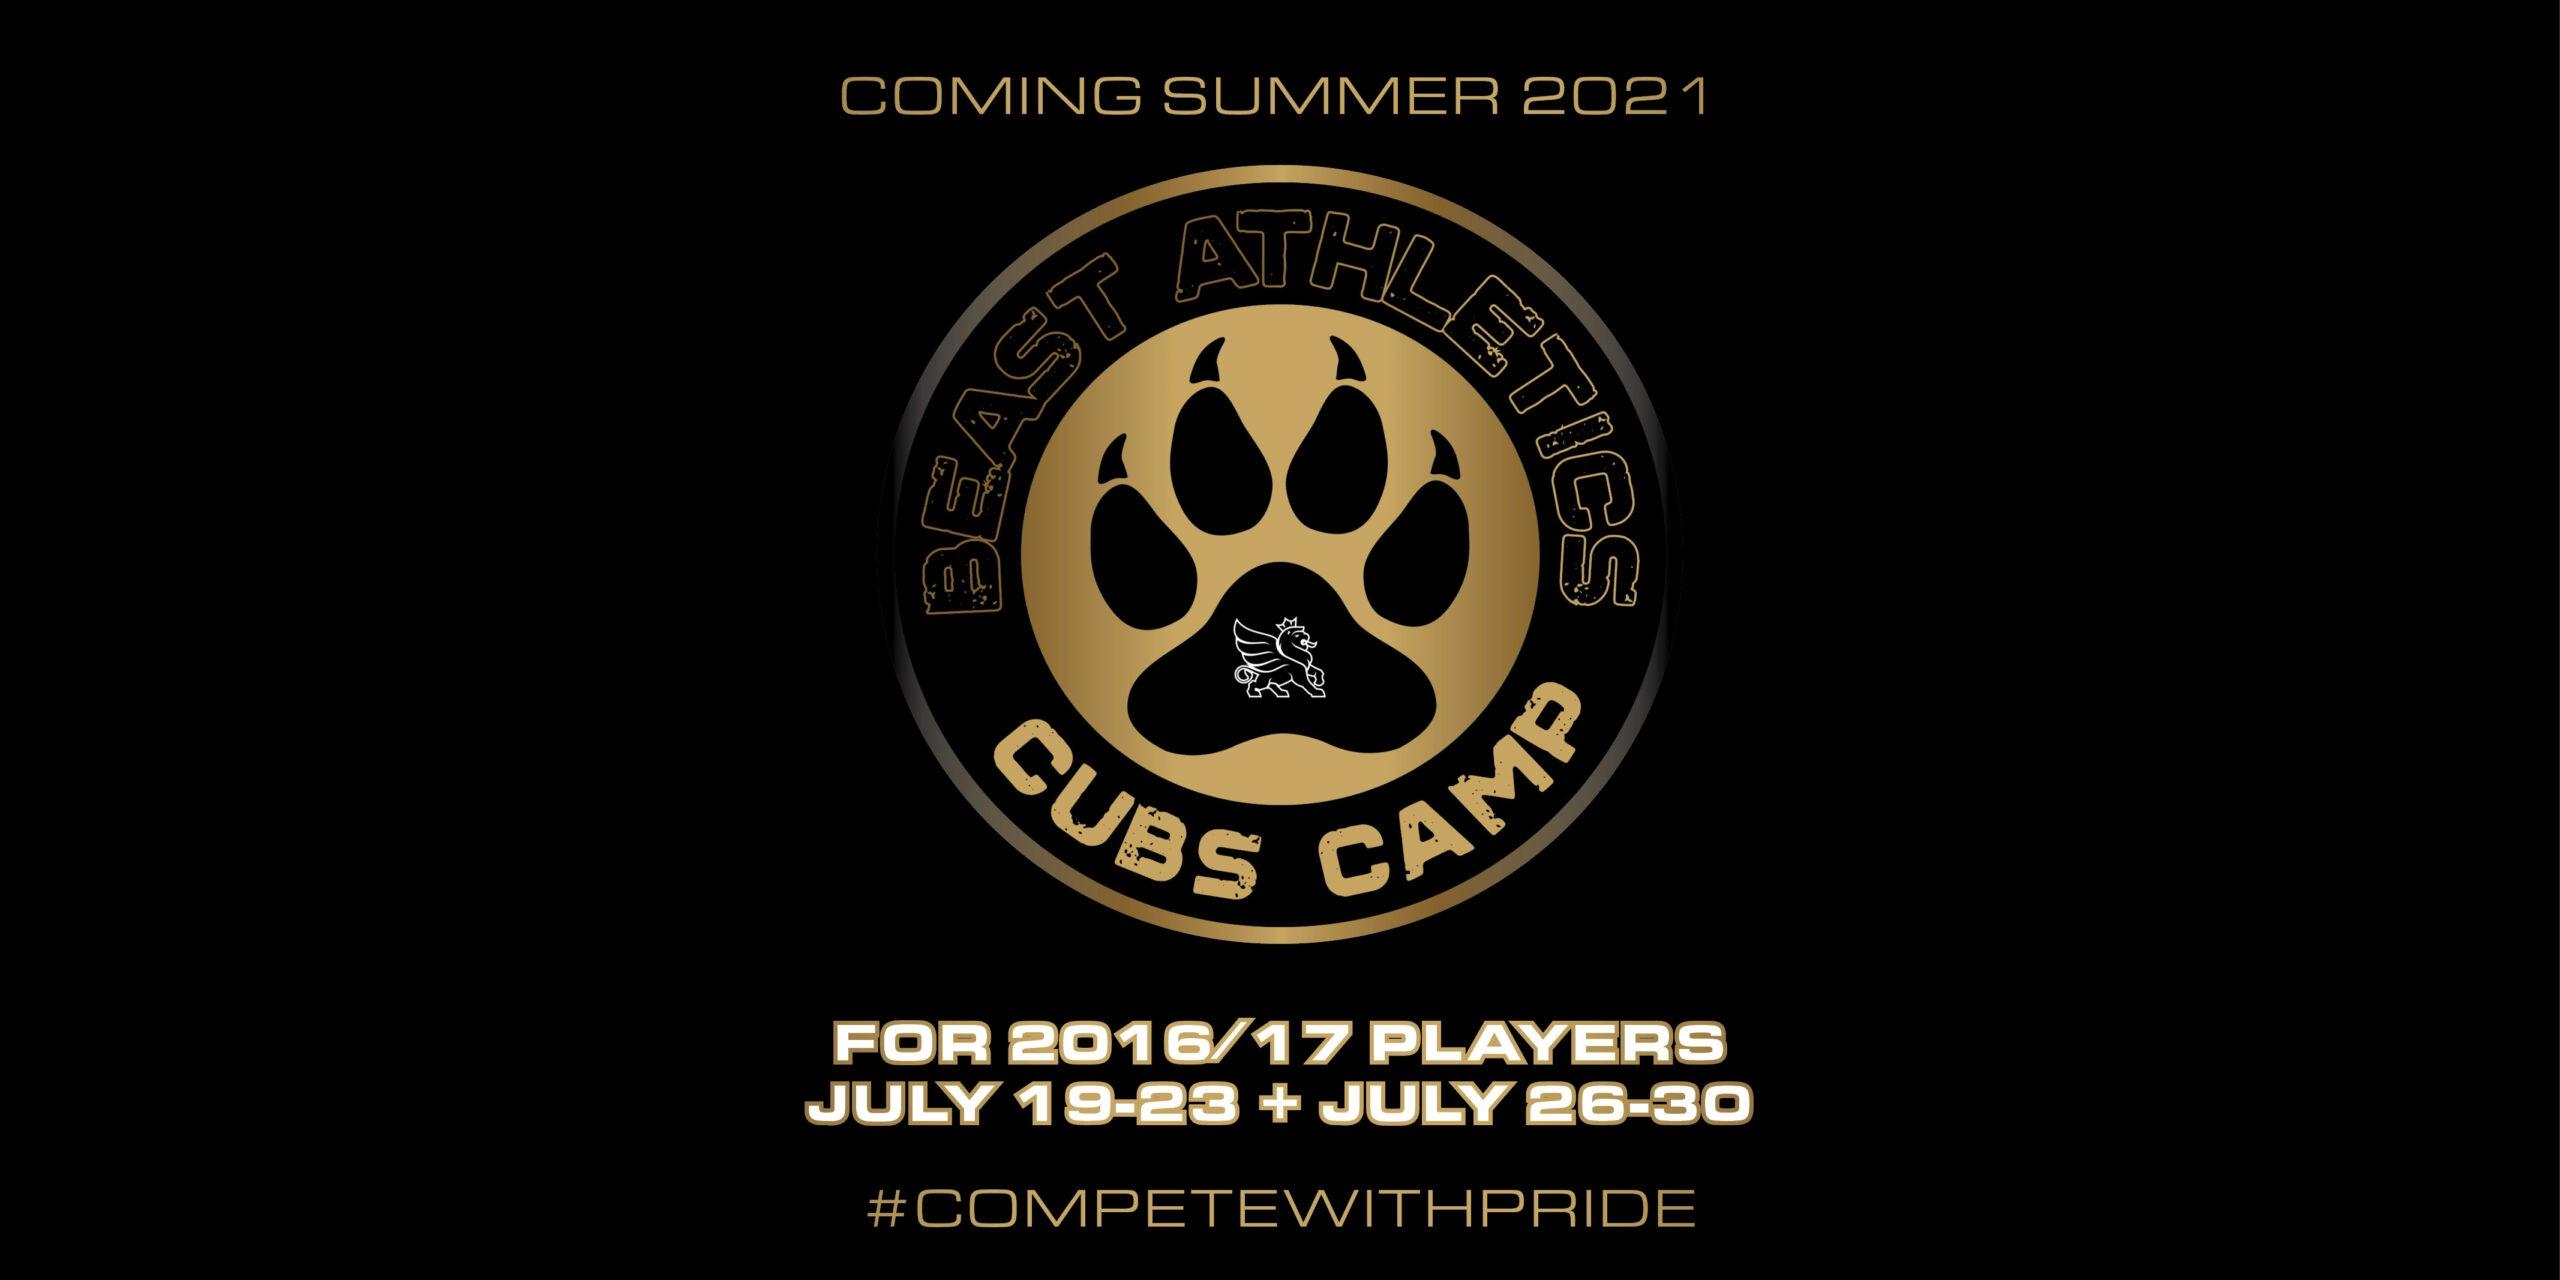 BEAST Cubs Camp Lacrosse